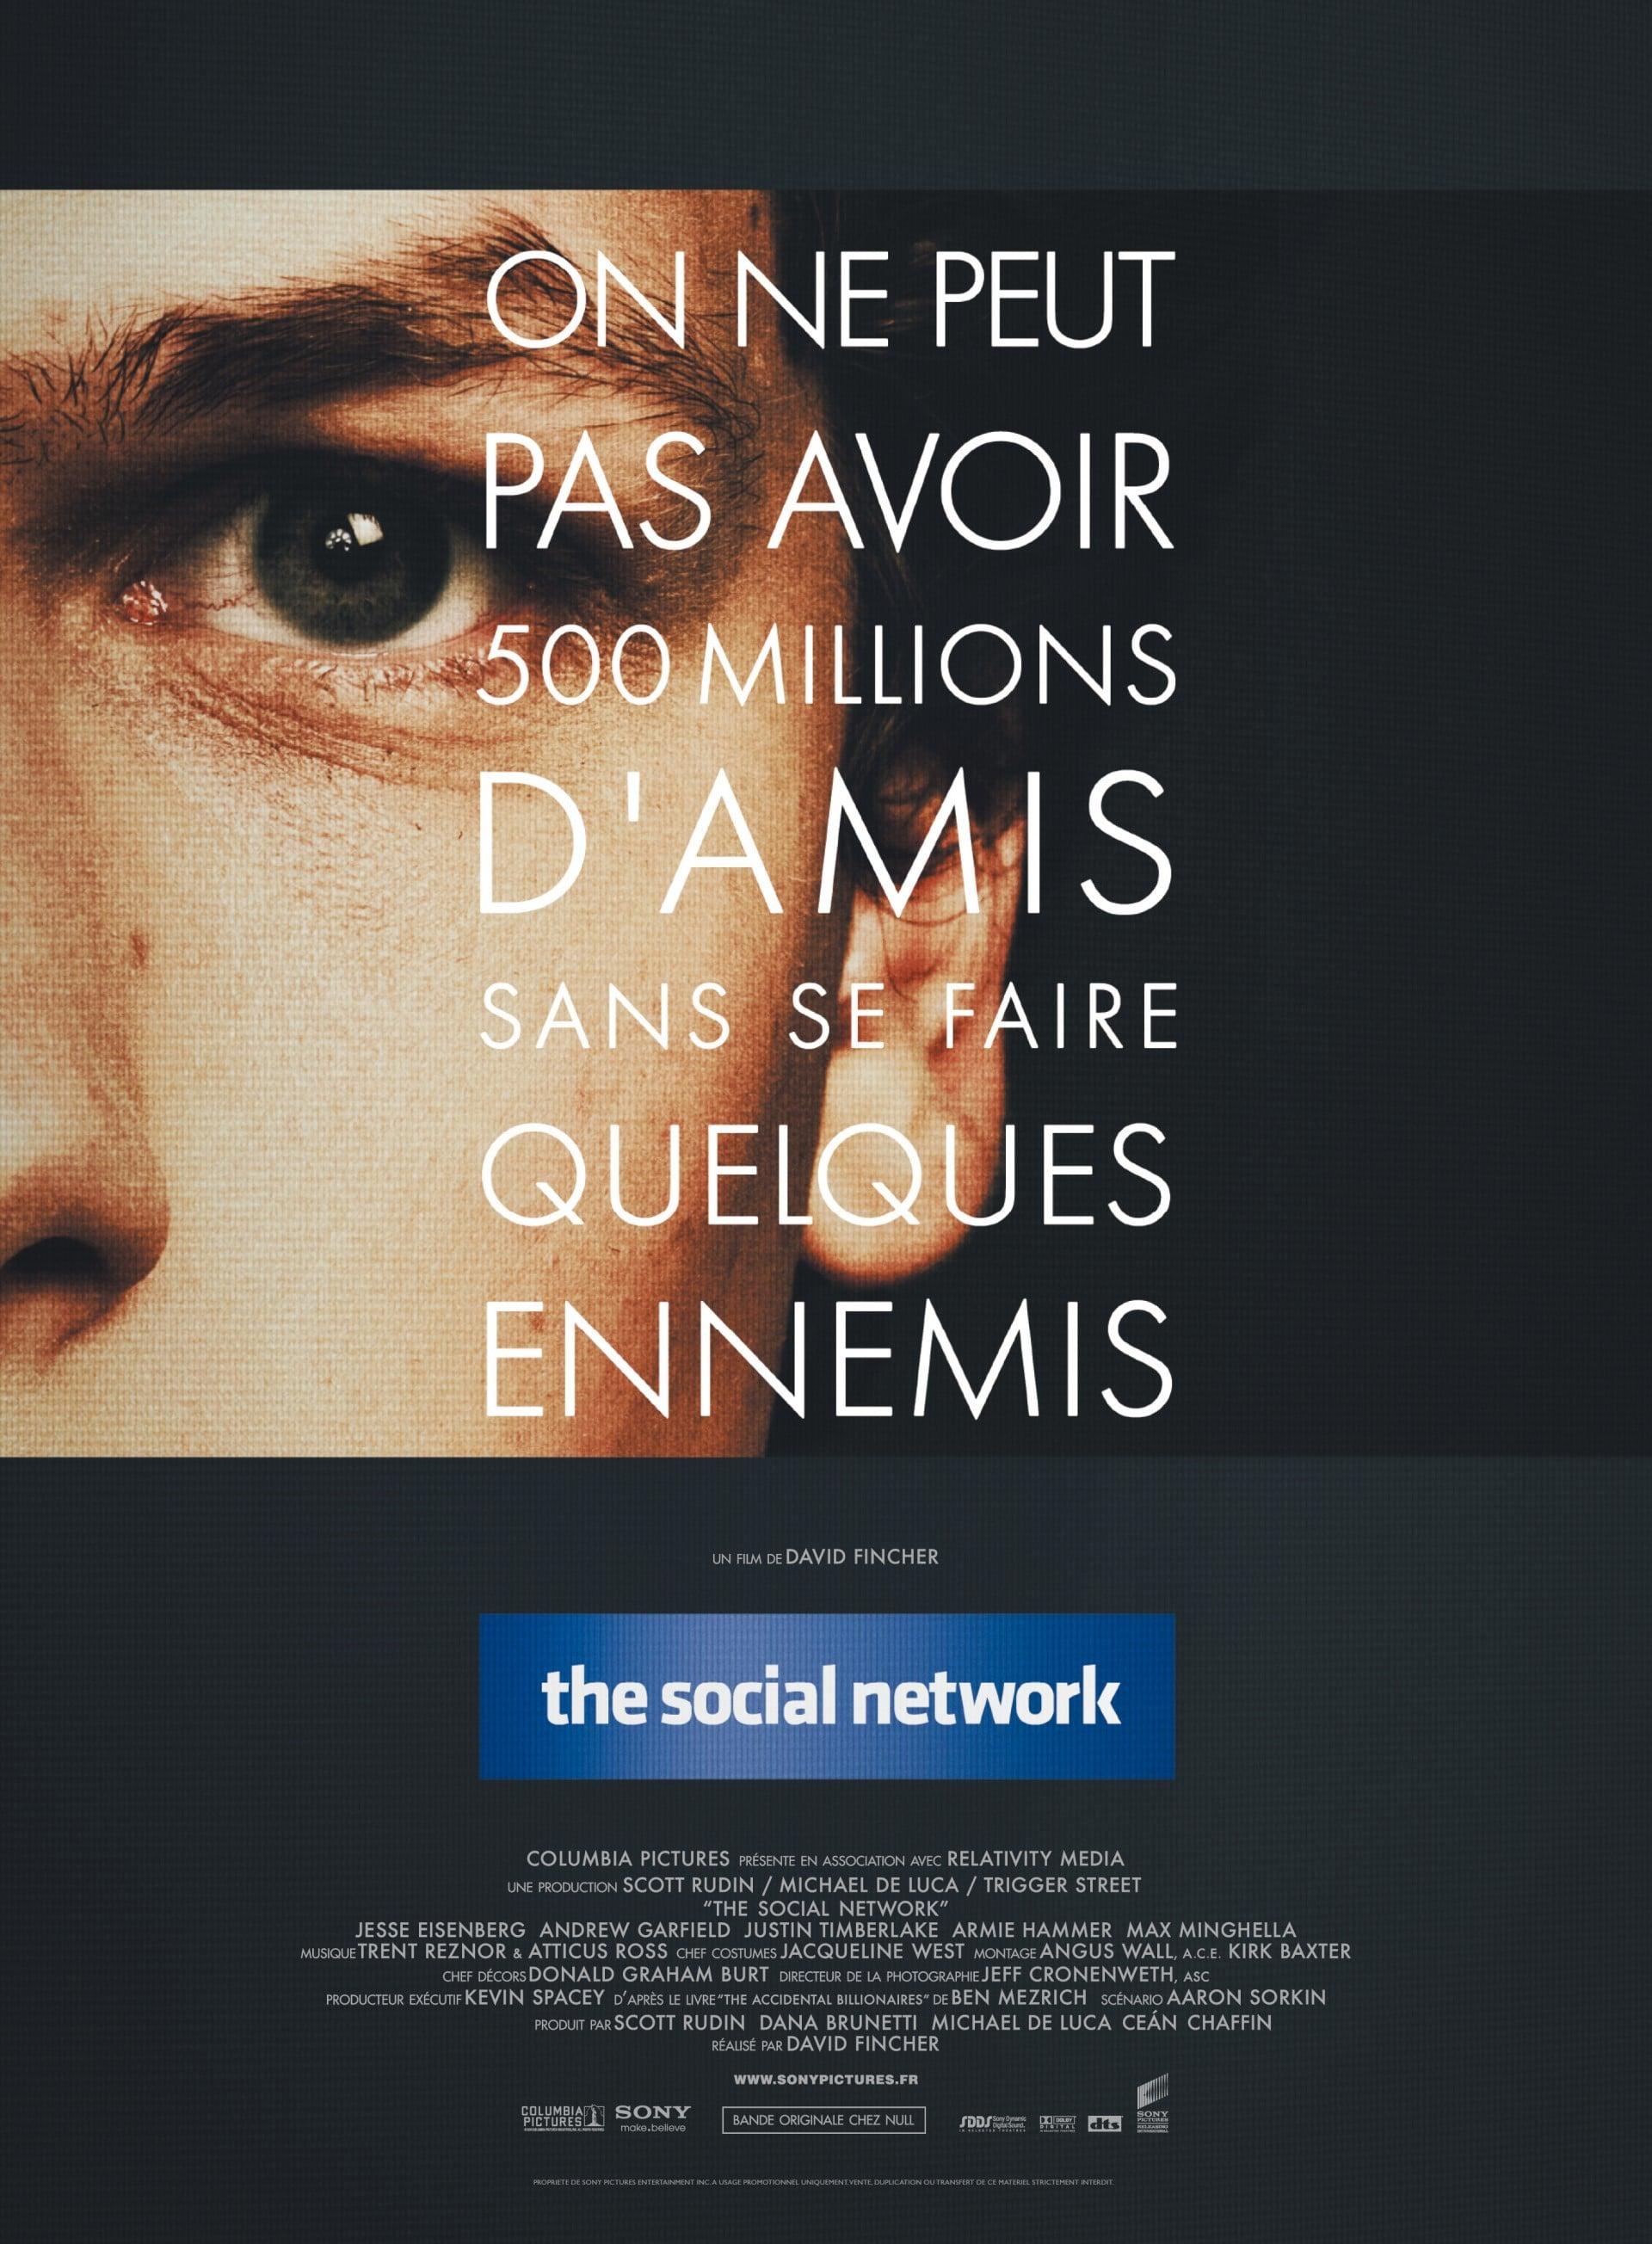 affiche du film The Social Network